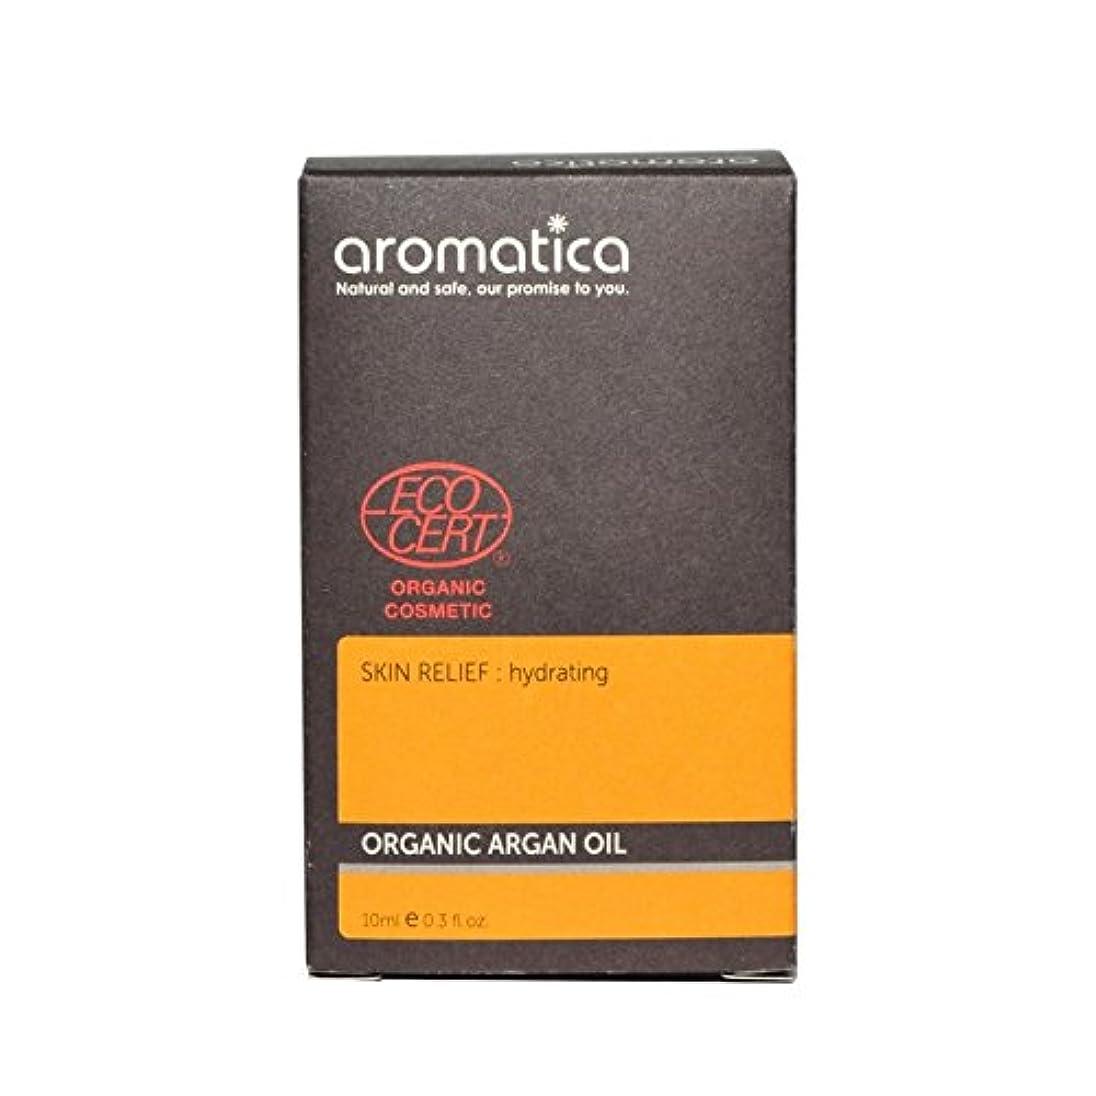 旋律的シロクマ後方aromatica Organic Argan Oil 10ml (Pack of 6) - オーガニックアルガンオイル10ミリリットル x6 [並行輸入品]